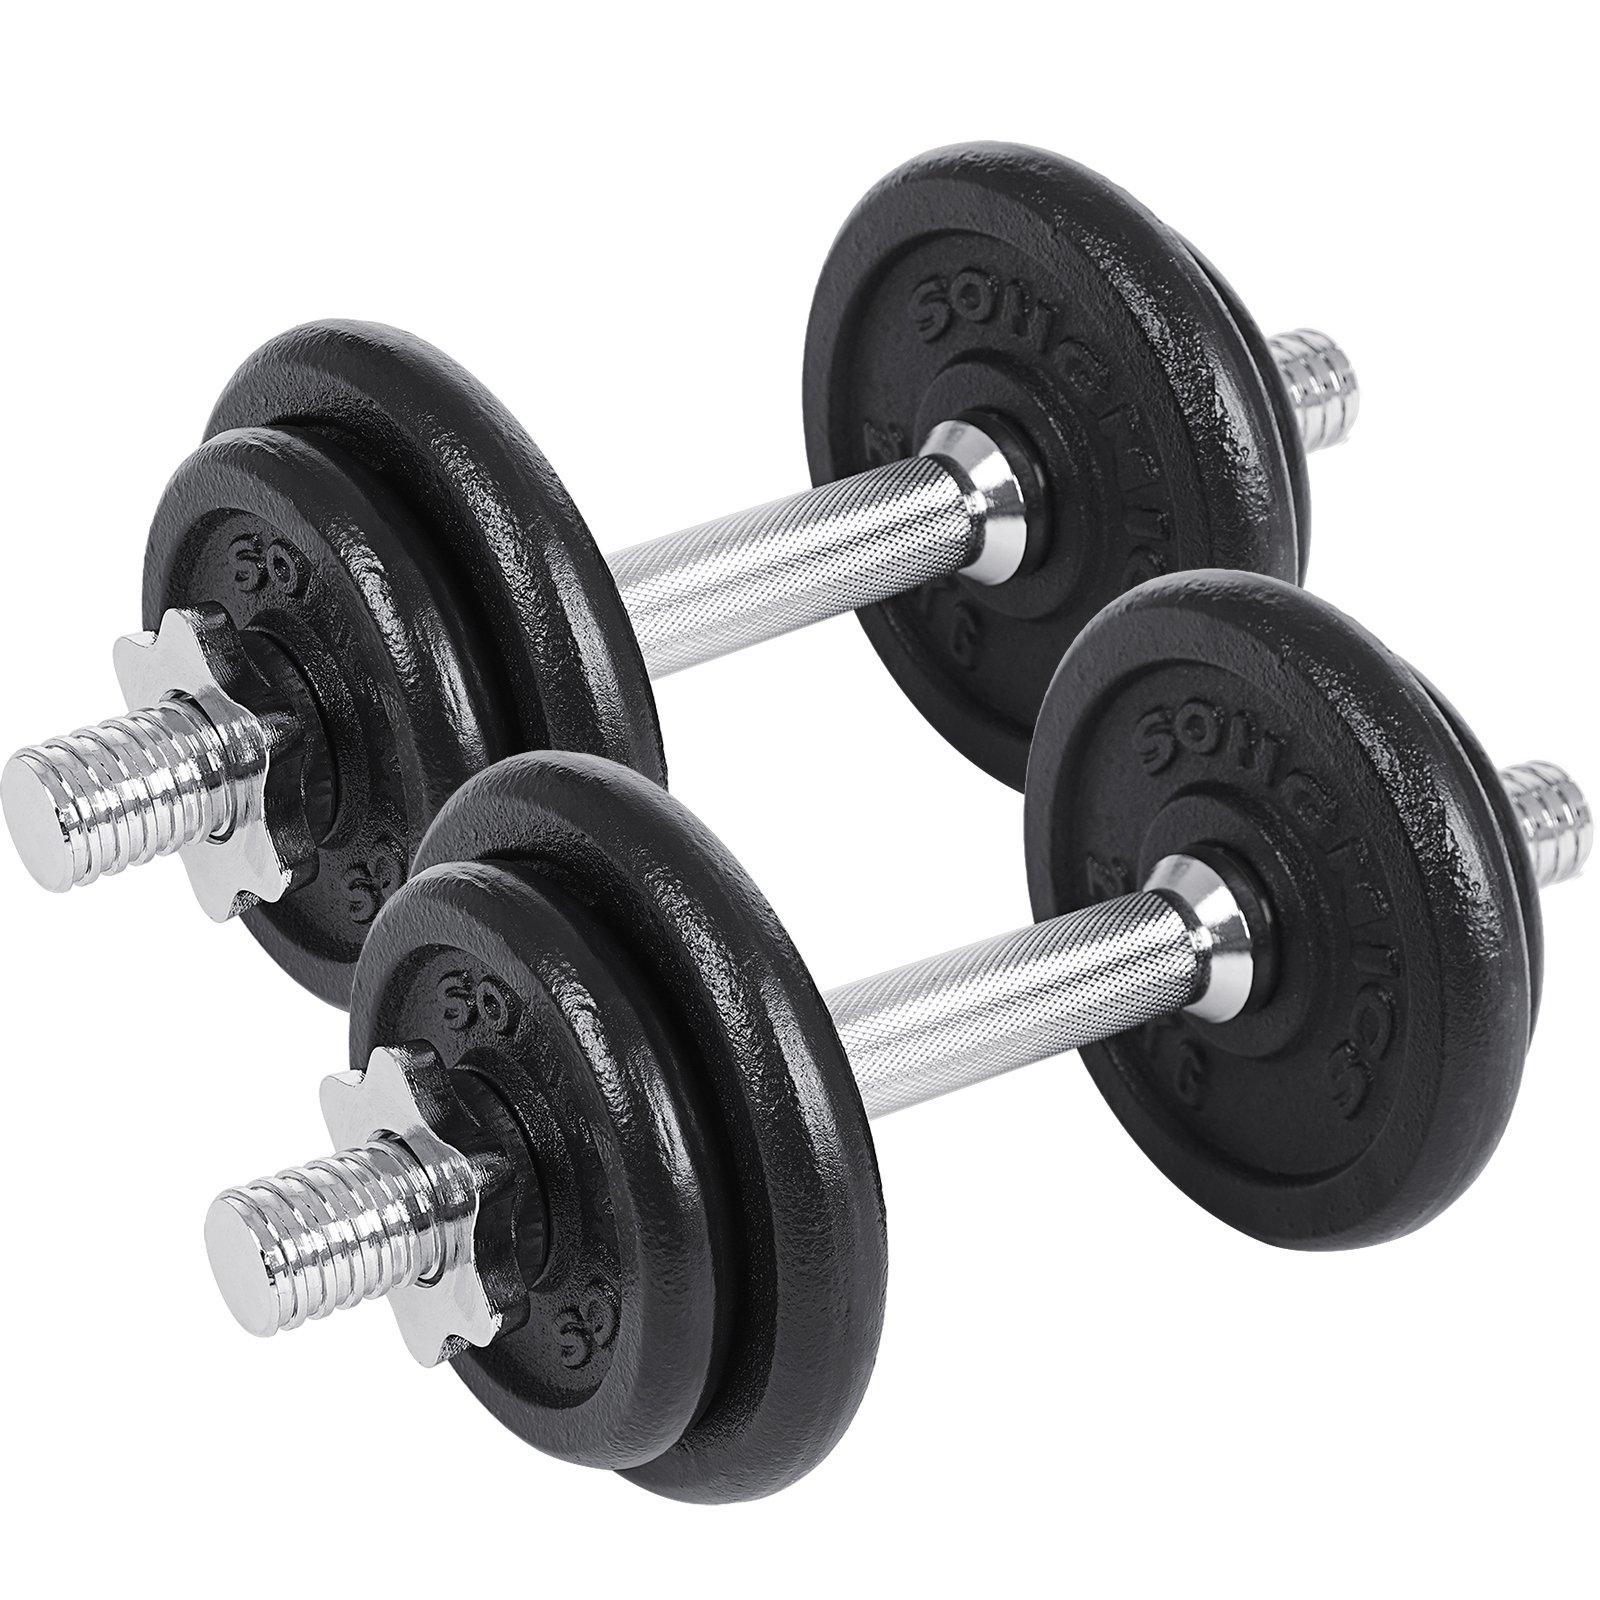 SONGMICS Juego de 2 Mancuernas de Fitness Pesas Hombres Discos de Hierro Fundido 20kg SYL20T product